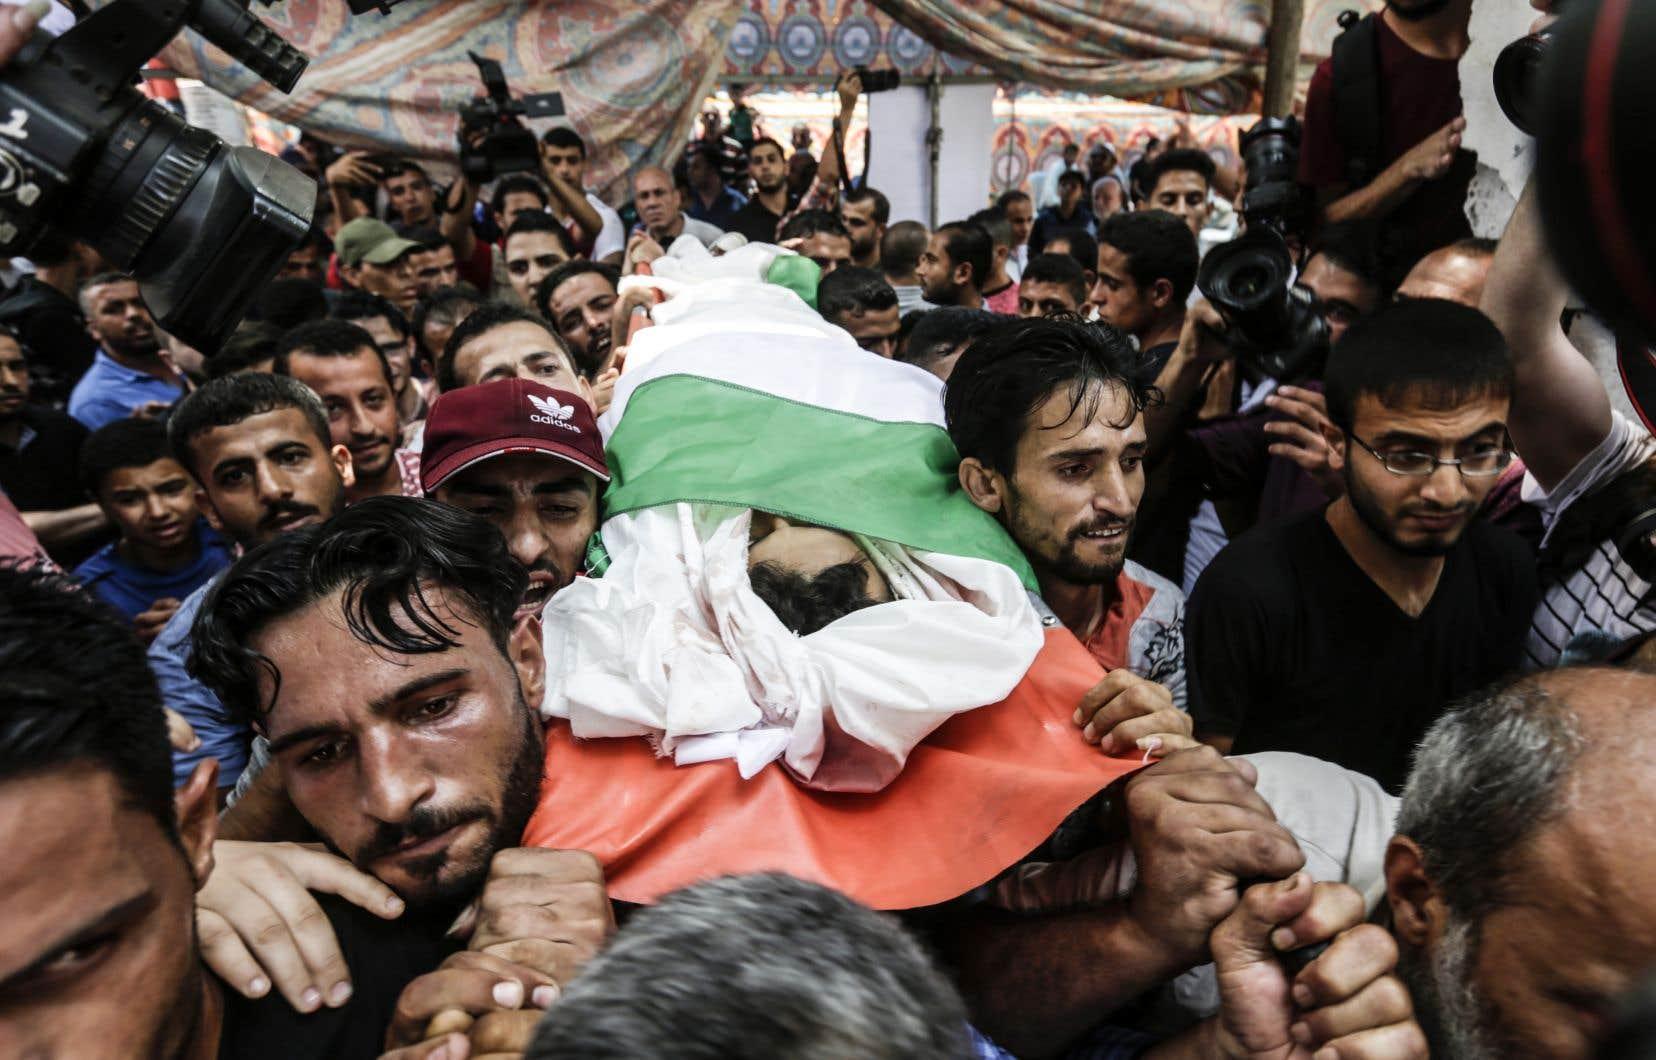 Des milliers de Palestiniens ont assisté dimanche aux funérailles des deux adolescents tués la veille.